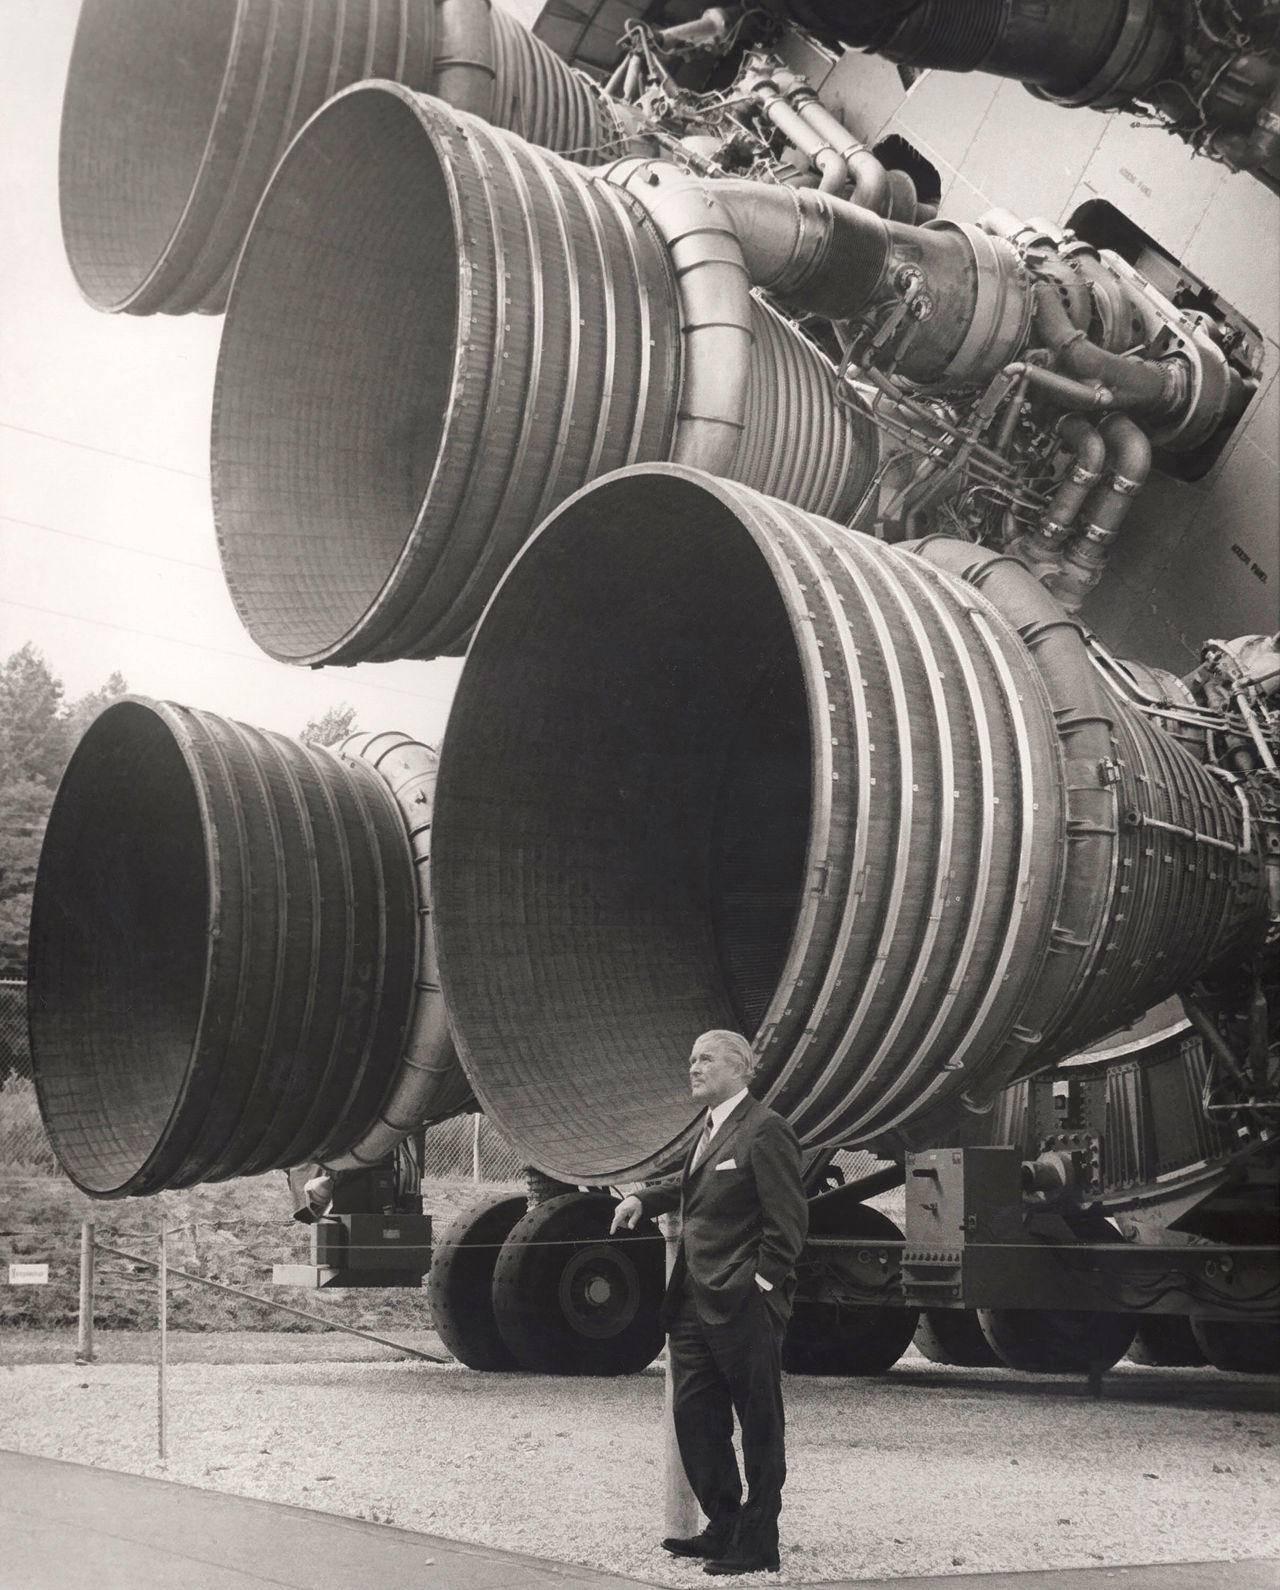 fd7e7b4d406b40ccaa9ffc6c4dee1e51?from=pc - 美国阿波罗登月计划是骗局还是超越了未来?嫦娥五号即将证明